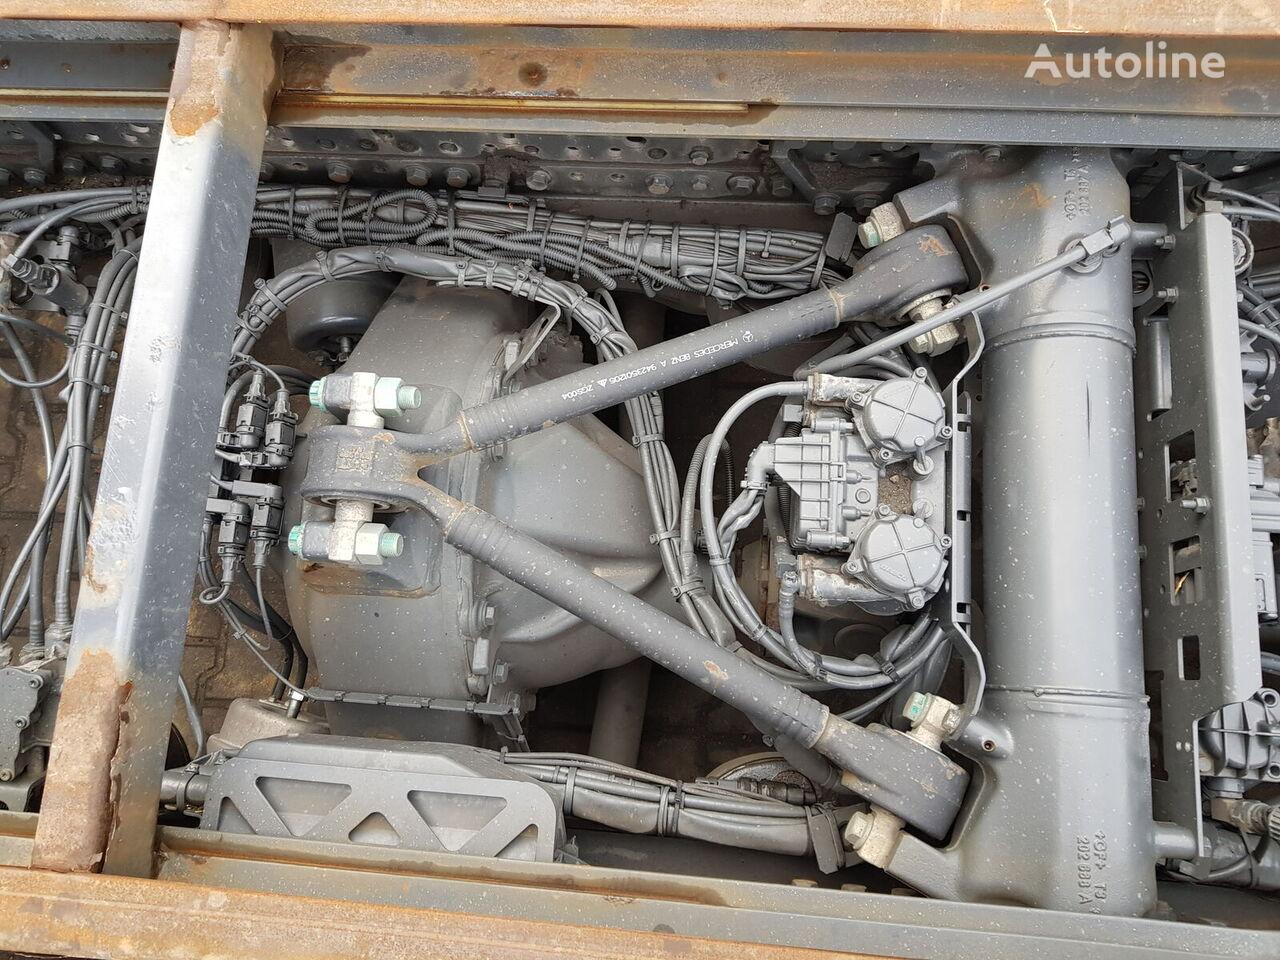 MERCEDES-BENZ AROCS MP4 ACTROS ANTOS differential for MERCEDES-BENZ AROCS ACTROS MP4 ANTOS tractor unit